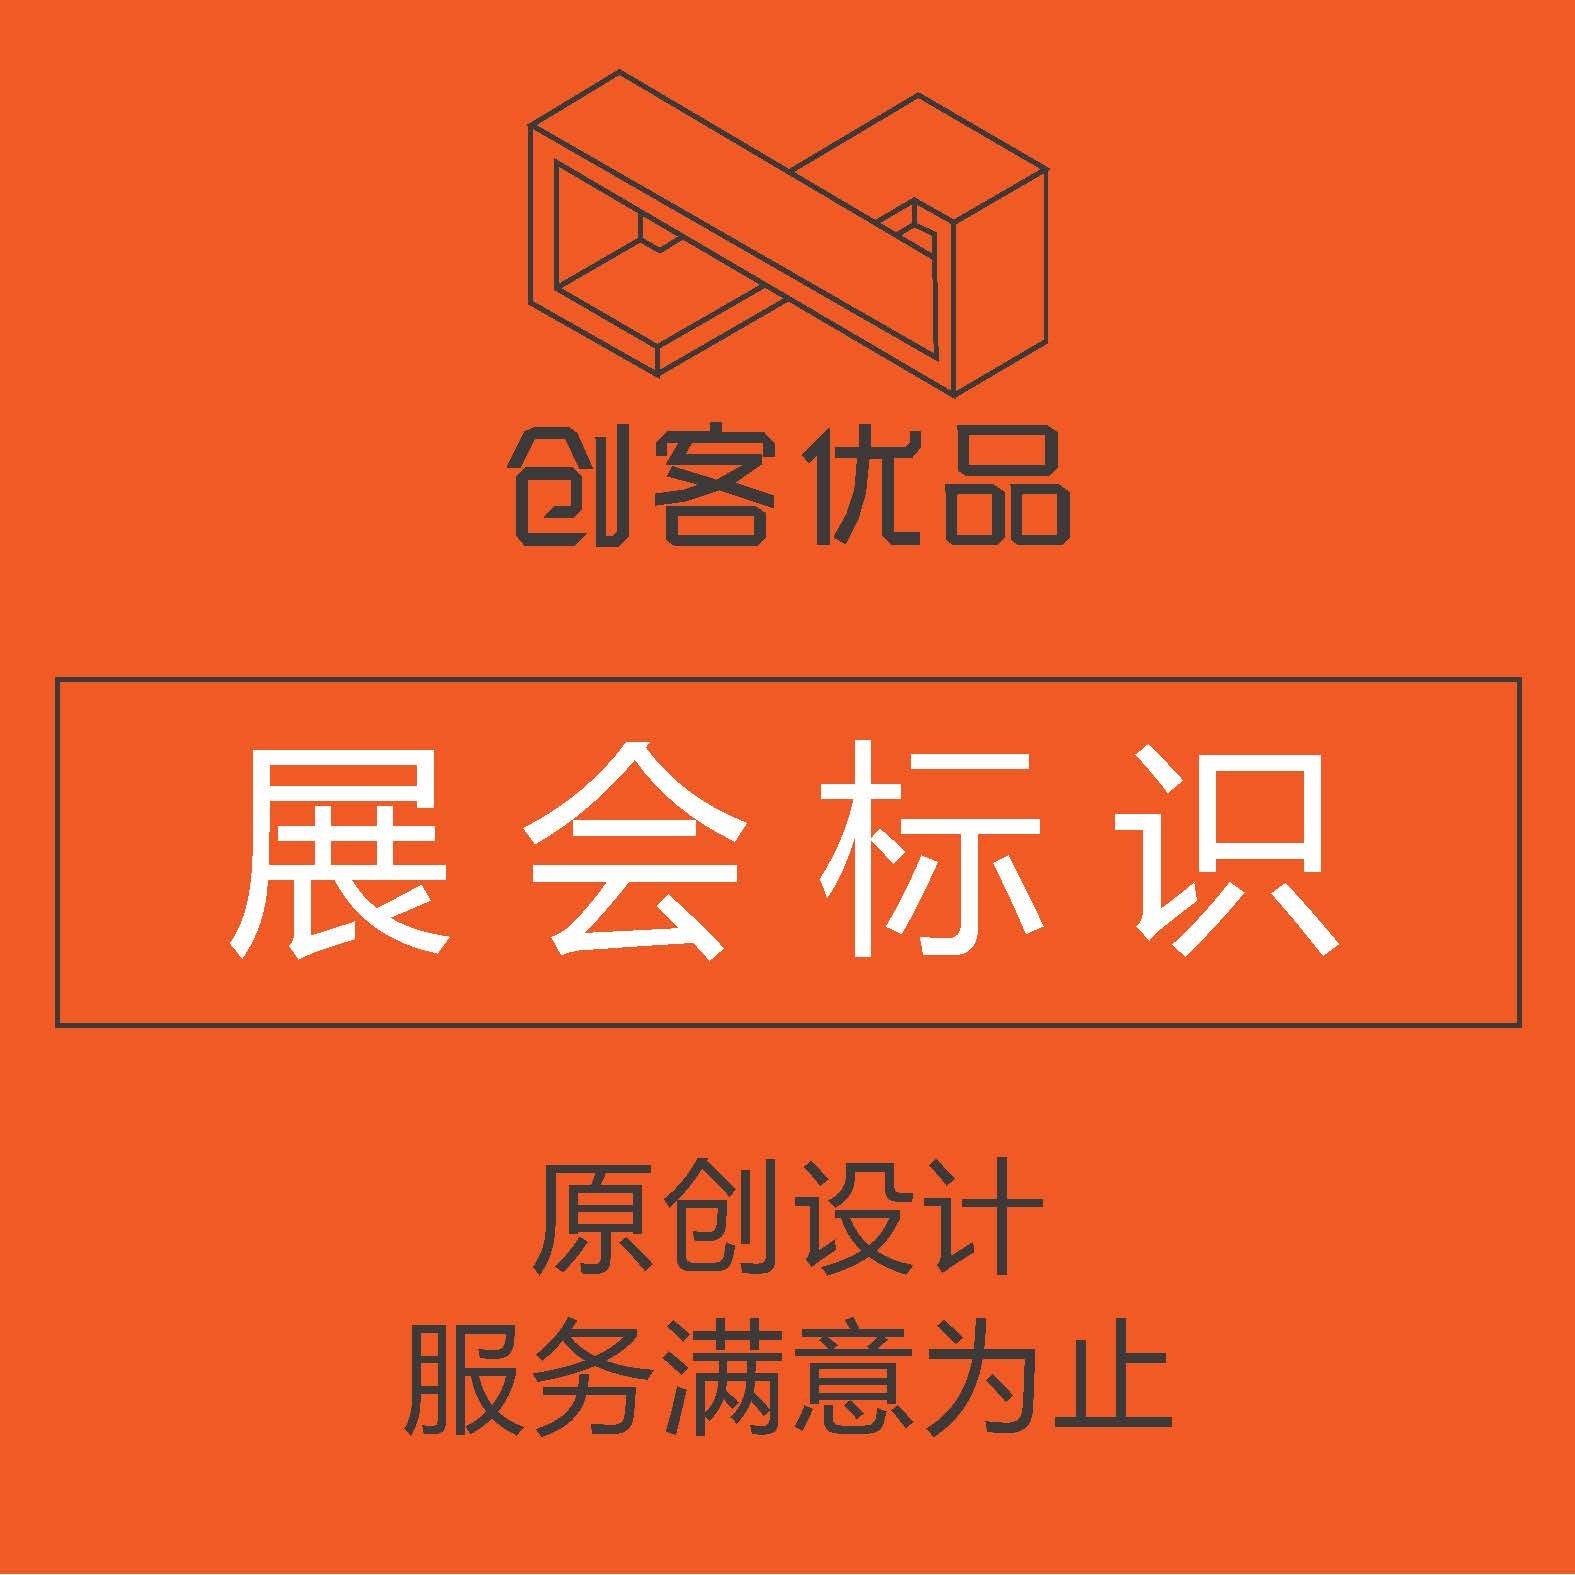 展示 展厅 标识/导视系统/ 建筑室内导视/设计效果图/制作施工